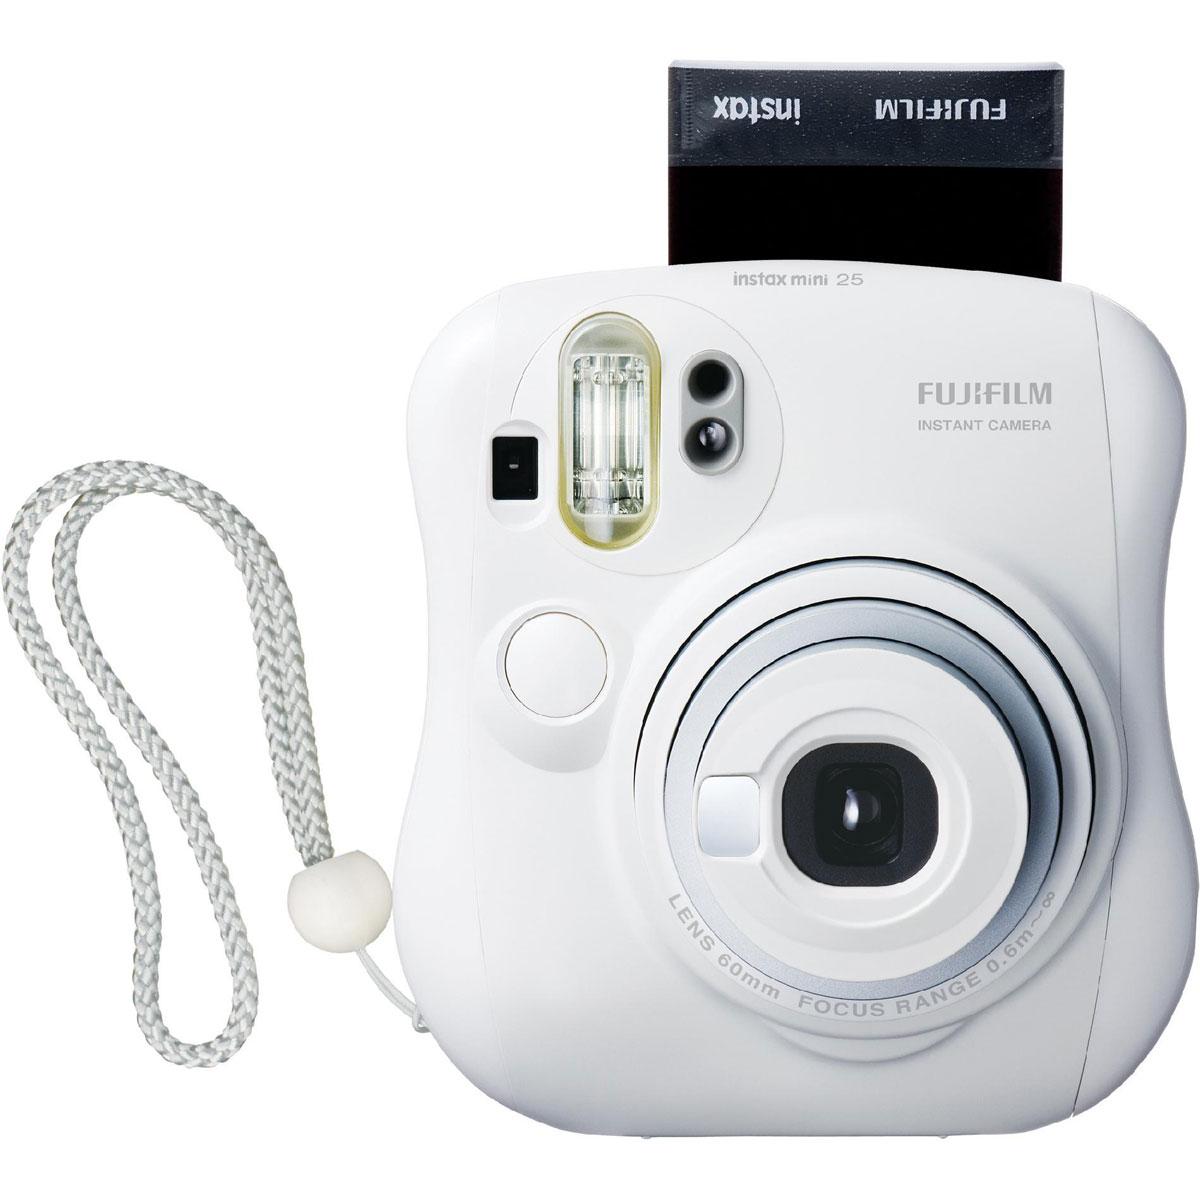 Fujifilm Instax Mini 25, White фотокамера мгновенной печати15953812Вы получите истинное удовольствие от использования фотокамеры для моментальных снимков Fujifilm Instax Mini 25, которая несомненно приобретёт популярность среди Ваших близких.Благодаря изящным снимкам размером с кредитную карту, получаемым за считанные секунды, любители фотографии всех возрастов смогут насладиться приятным сувениром на память о событиях своей жизни сразу после нажатия на кнопку затвора. Сочетание высококачественного объектива Fujinon и фотоплёнки Instax Mini позволяет мгновенно получать великолепные фотографии.Регулировка яркости/затемнения позволяет настраивать насыщенность цветов на конечной фотографии. Две кнопки спуска затвора на корпусе делают съемке с вертикальной и горизонтальной ориентацией камеры гораздо удобнее. Режим заполняющей вспышки (интеллектуальная вспышка для светлого фона) используется для запечатления человека и фона с одинаковой четкостью. Камера определяет яркость фона и в зависимости от нее автоматически настраивает выдержку. Фон на фотографии получается четким, даже если она была сделана в плохо освещенном помещении.Выдвижной объектив для съемки с расстояния до 35 см от объекта. Чтобы сделать снимок объекта крупным планом, можно воспользоваться функцией выдвижения объектива. Это особенно удобно для съемки цветов, мелких предметов или сладостей. Маленькое зеркало, расположенное рядом с объективом, позволяет контролировать композицию кадра во время съемки автопортретов.Используемая фотопленка: Fujifilm Instax MiniРазмер фотографии: 62 х 46 ммУправление экспозицией: автоматическоеКоррекция экспозиции: ±2/3 EVПитание: CR2/DL CR2 х 2Ресурс батарей: 30 упаковок фотобумаги (по результатам исследований Fujifilm)В комплект входят ремешок и объектив для макросъемки